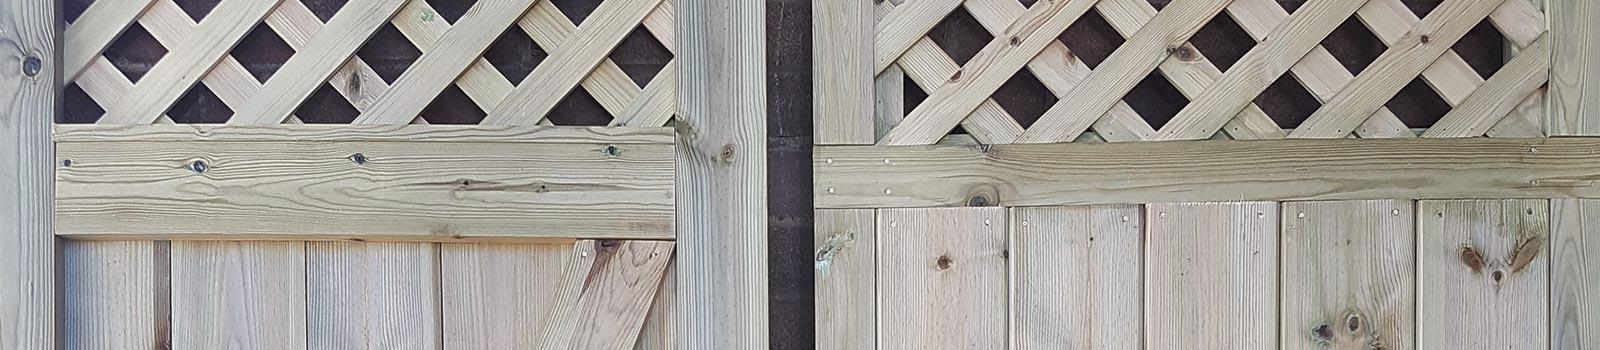 Bespoke double gate